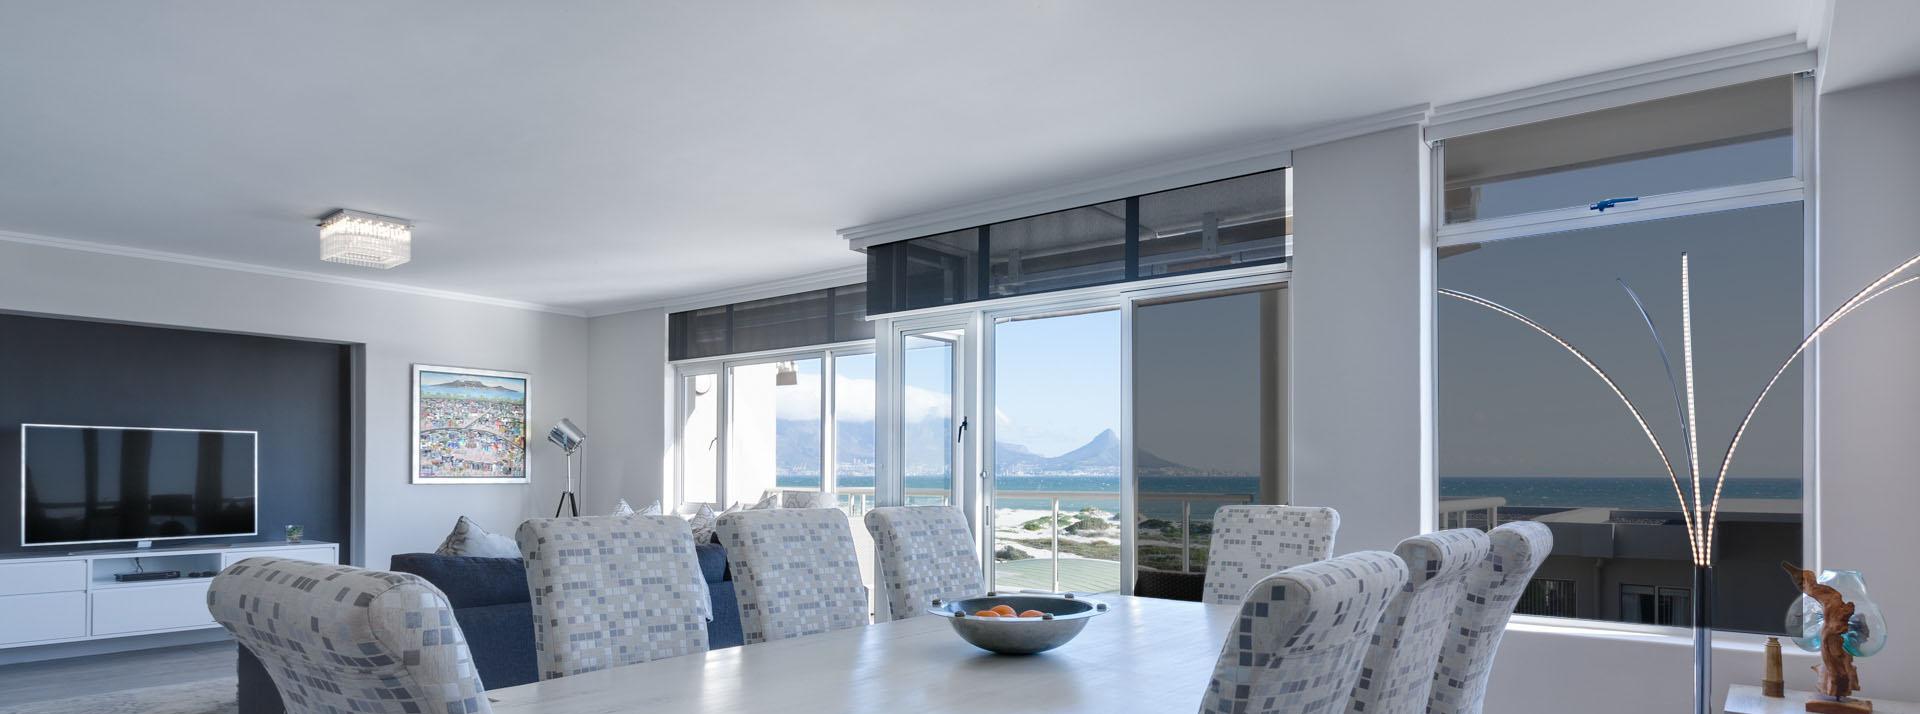 Moderní interiér domu se zatmavenými okny díky fóliím